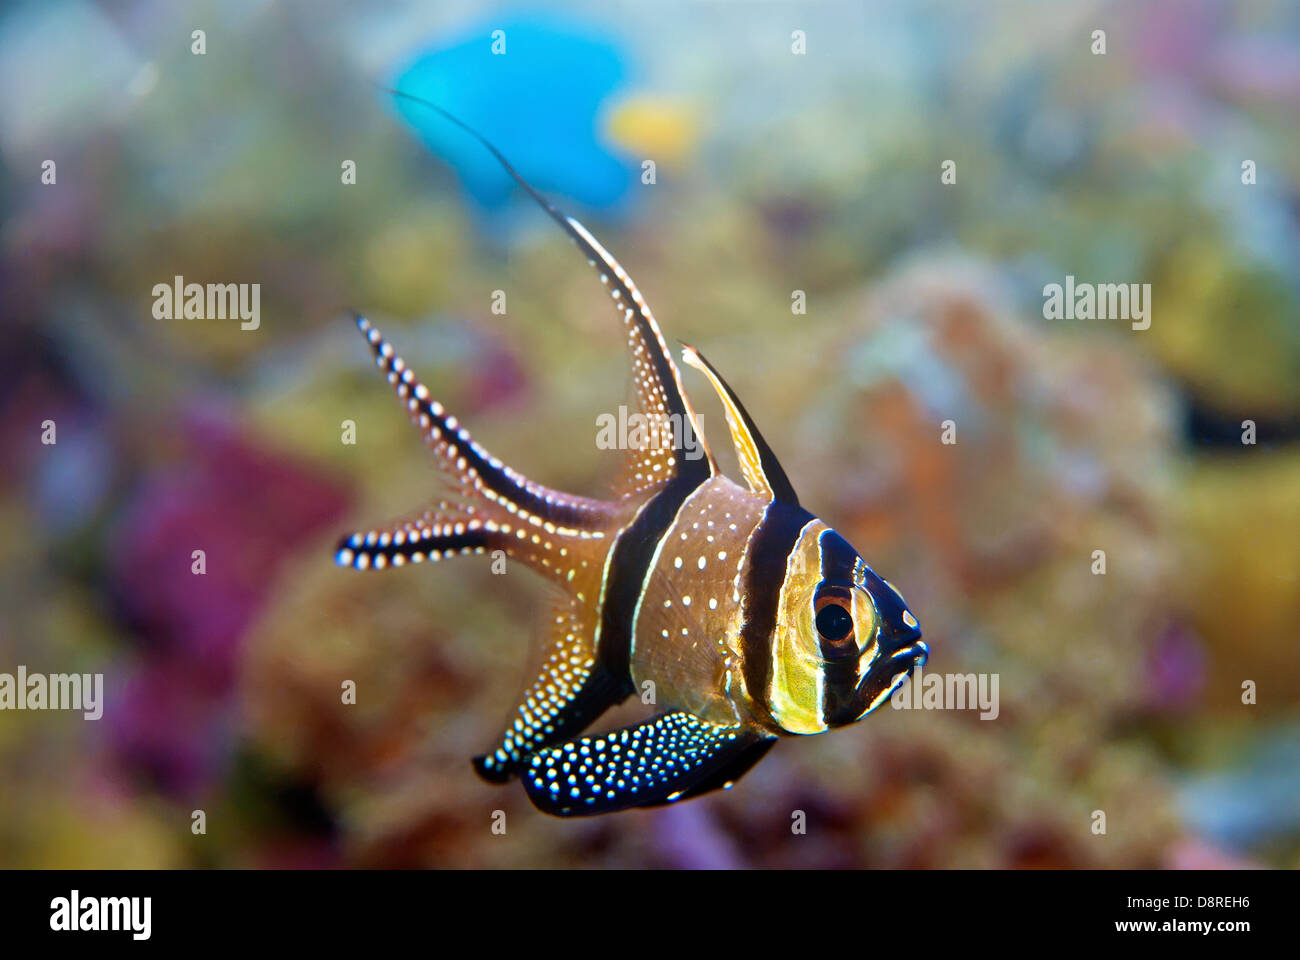 Bewohner tropischer Rifffische Stockbild